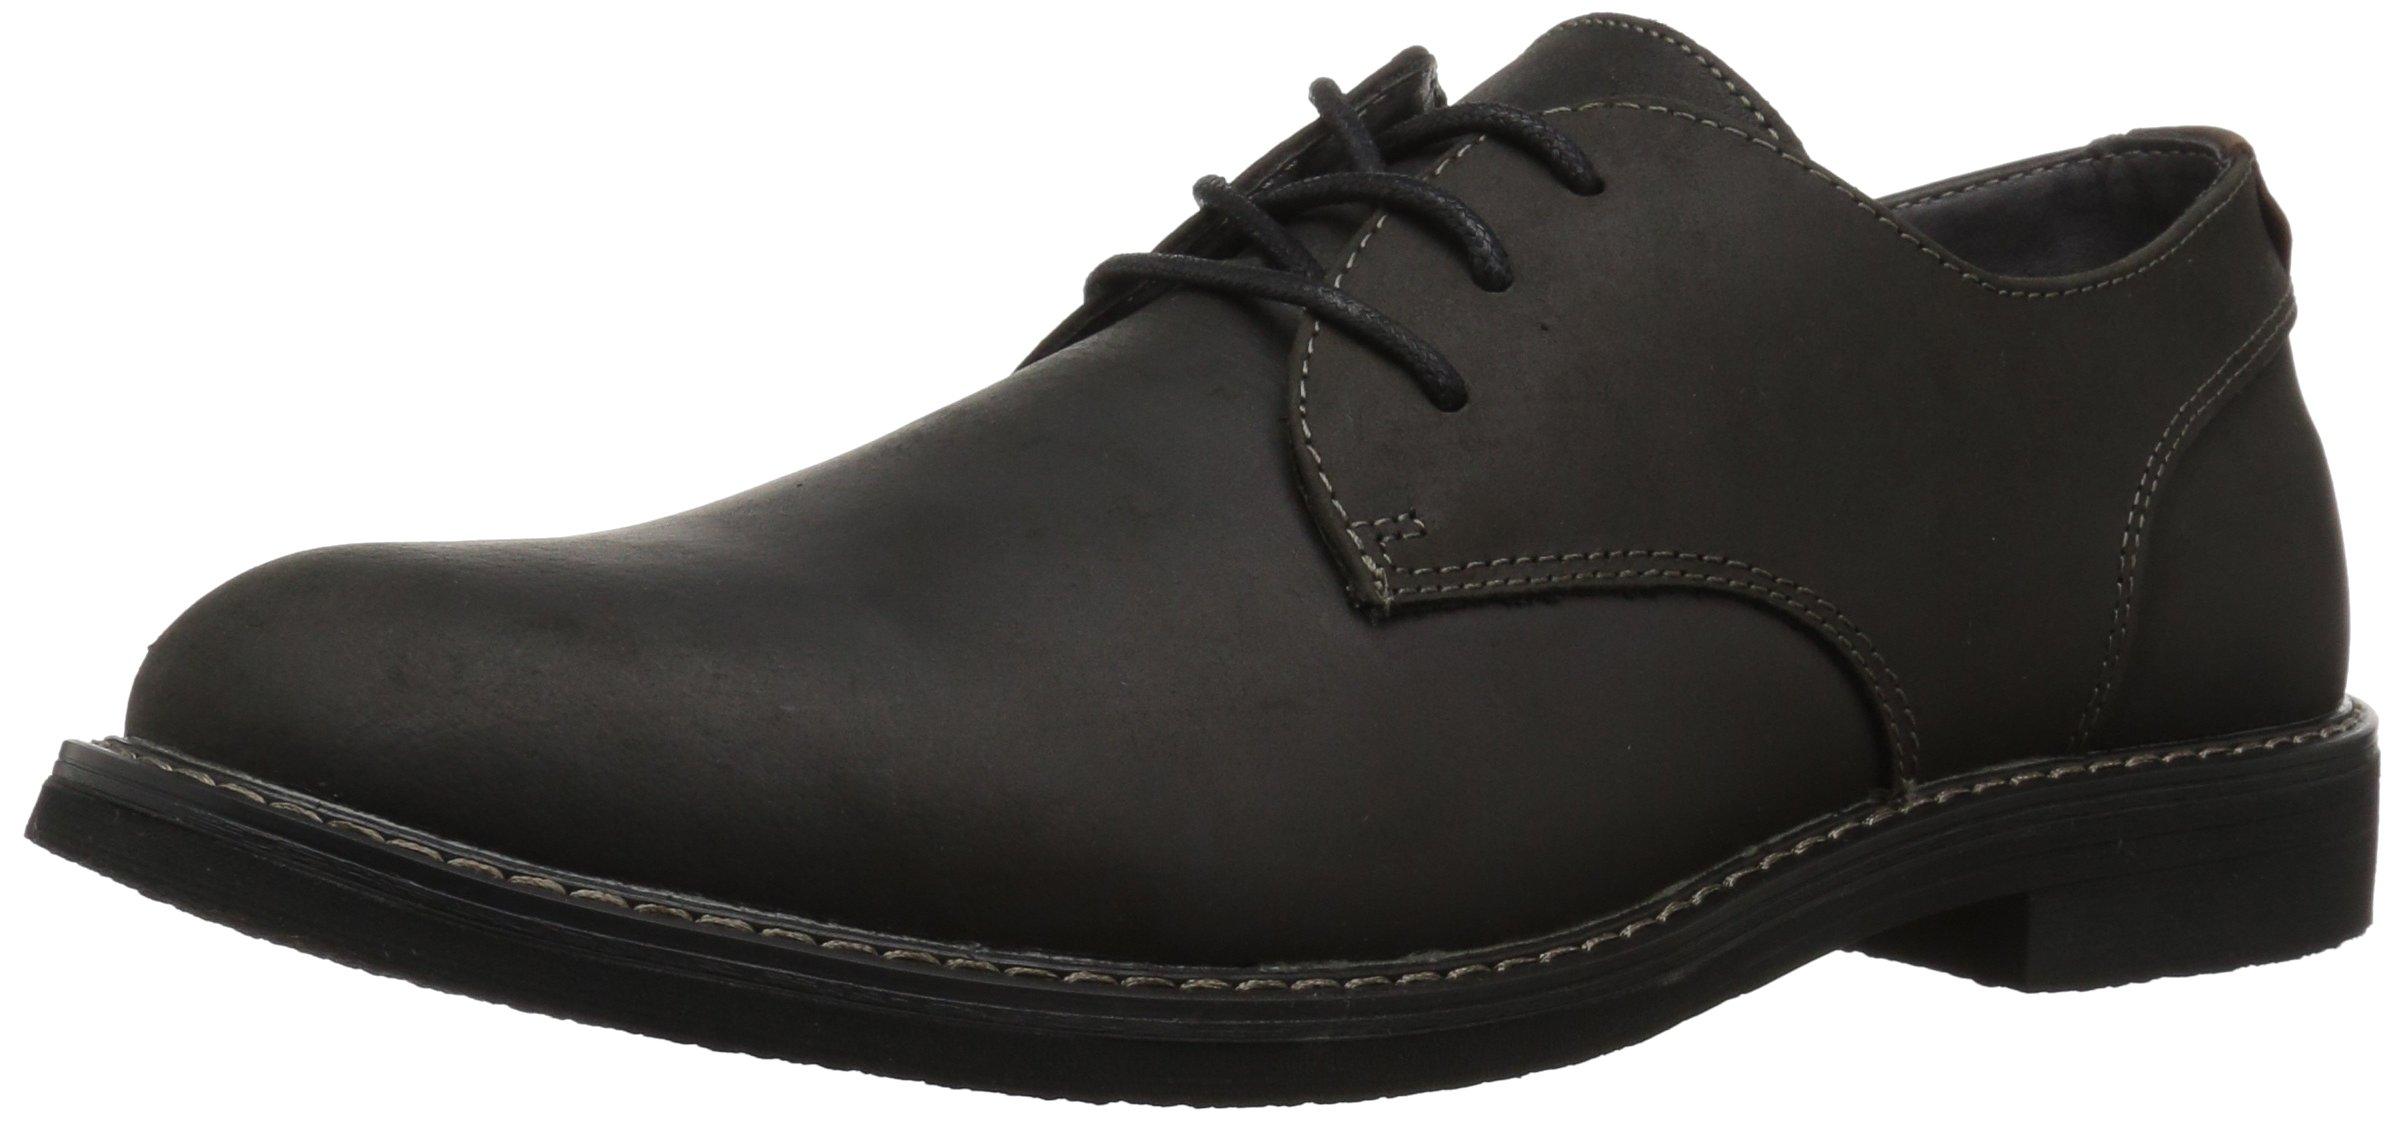 Nunn Bush Men's Linwood Plain Toe Oxford, Black, 9.5 W US